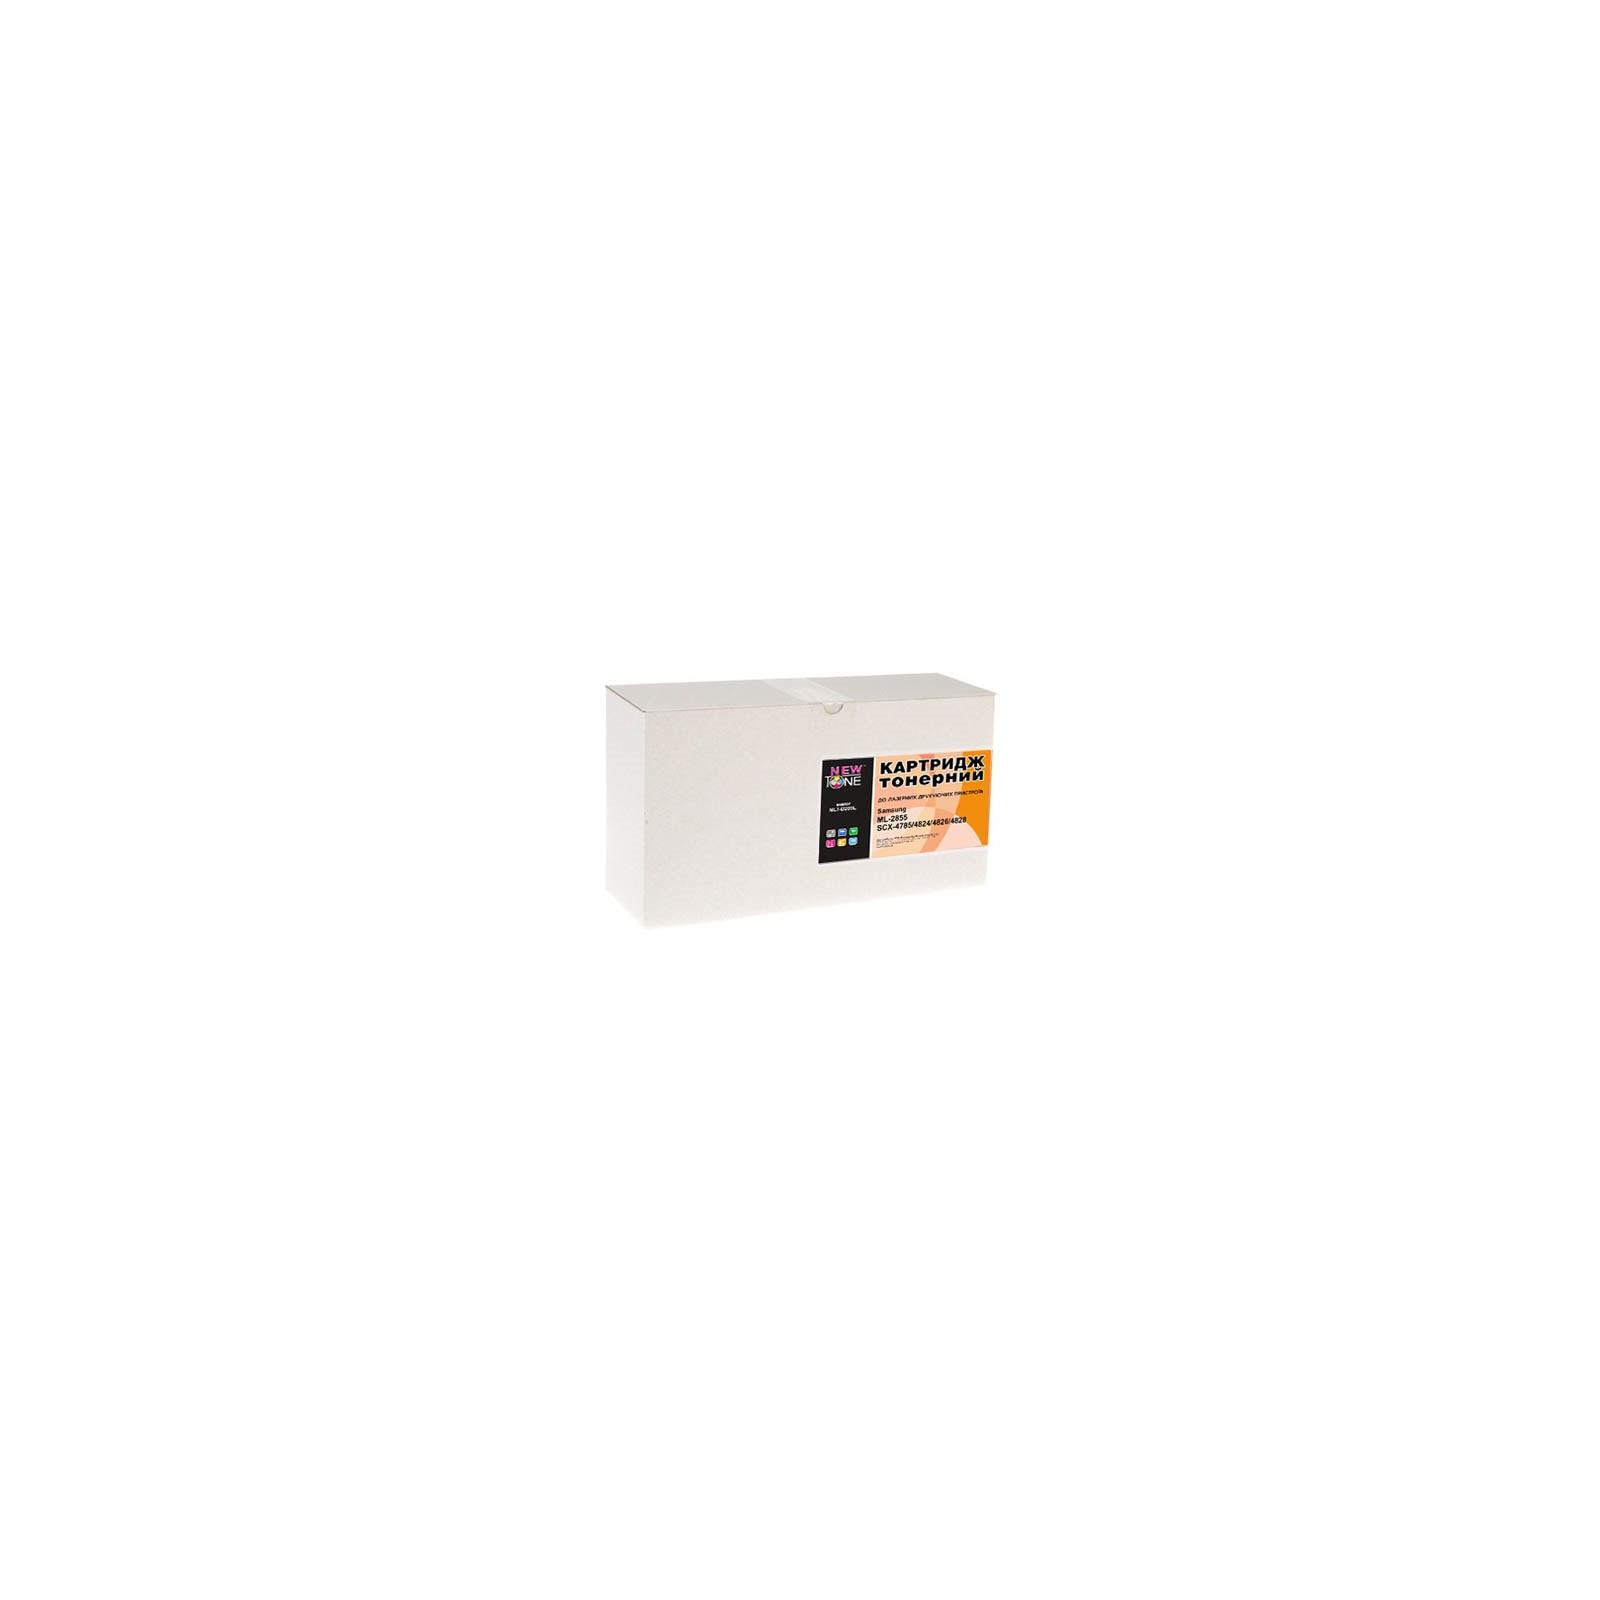 Картридж NewTone для Samsung SCX-4824/4826/4828 (ML2855E)